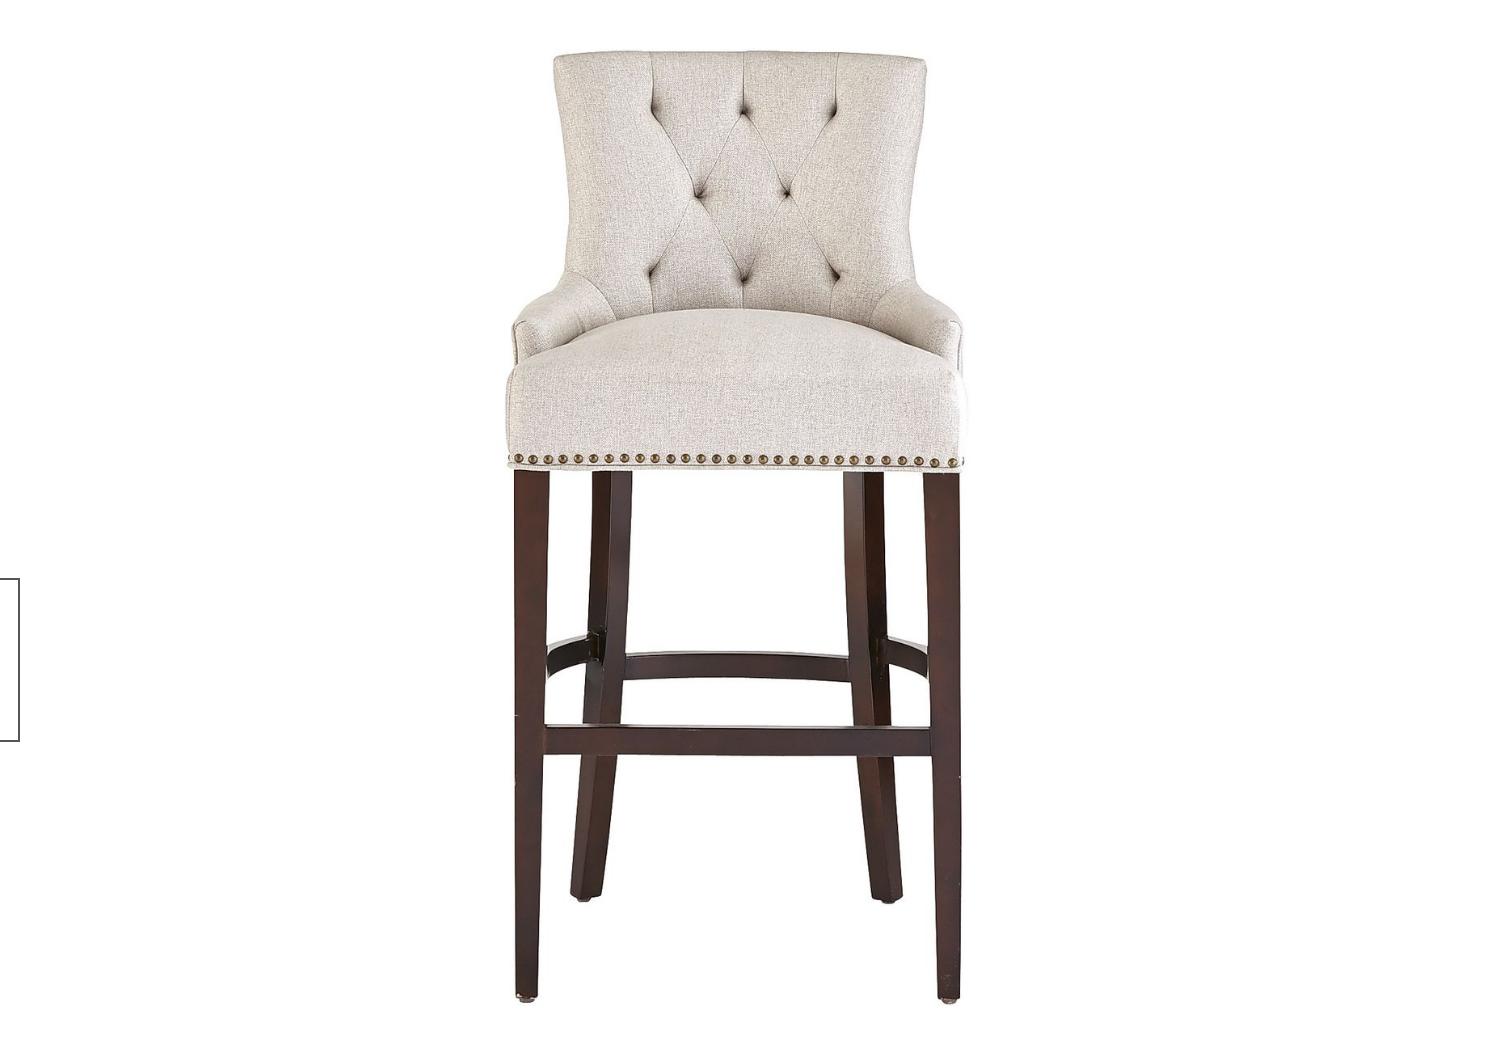 Стул Lerman BarБарные стулья<br>&amp;lt;div&amp;gt;Глубина сидения 46 см&amp;lt;br&amp;gt;&amp;lt;/div&amp;gt;&amp;lt;div&amp;gt;Высота спинки 37 см&amp;amp;nbsp;&amp;lt;/div&amp;gt;&amp;lt;div&amp;gt;Высота сидения 79 см&amp;amp;nbsp;&amp;lt;/div&amp;gt;&amp;lt;div&amp;gt;Высота стула 116 см&amp;amp;nbsp;&amp;lt;/div&amp;gt;&amp;lt;div&amp;gt;&amp;lt;br&amp;gt;&amp;lt;/div&amp;gt;&amp;lt;div&amp;gt;Ножки выполнены из бука,&amp;amp;nbsp;&amp;lt;/div&amp;gt;&amp;lt;div&amp;gt;Материал: текстиль.&amp;lt;/div&amp;gt;&amp;lt;div&amp;gt;&amp;lt;br&amp;gt;&amp;lt;/div&amp;gt;&amp;lt;div&amp;gt;Доп опция&amp;lt;/div&amp;gt;&amp;lt;div&amp;gt;Возможна высота сиденья &amp;amp;nbsp;66 см. при высоте стула 103 см.&amp;lt;/div&amp;gt;<br><br>Material: Бук<br>Width см: 54<br>Depth см: 54<br>Height см: 116